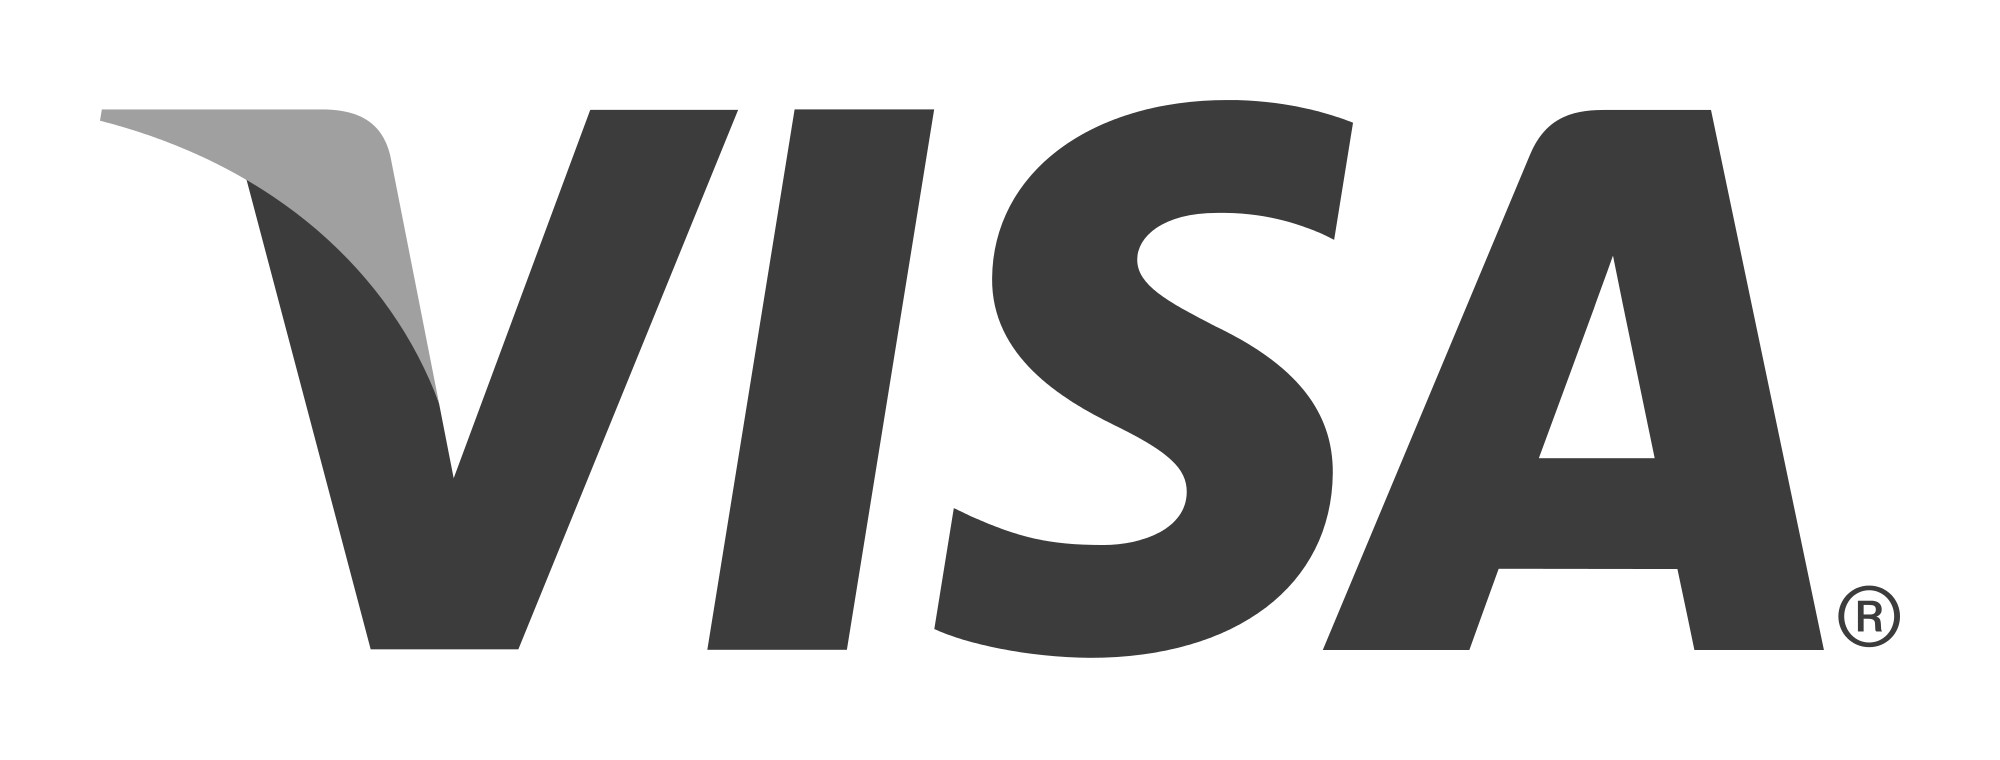 Visa-Logo-Image-0.png